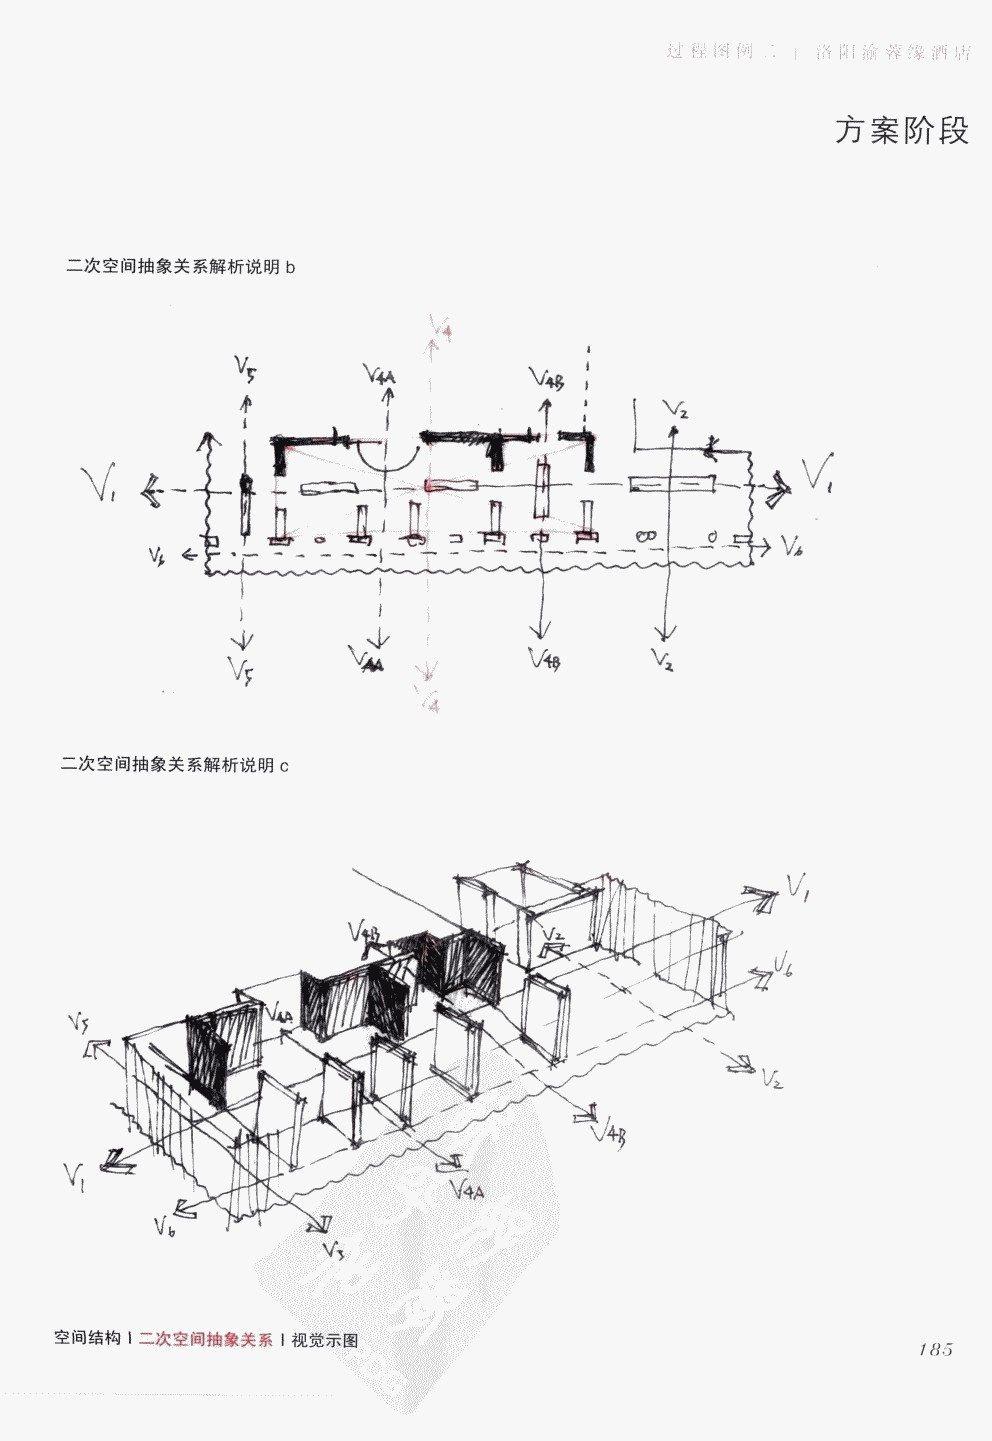 室内设计纲要++概念思考与过程表达_室内设计纲要  概念思考与过程表达_1297982..._页面_193.jpg